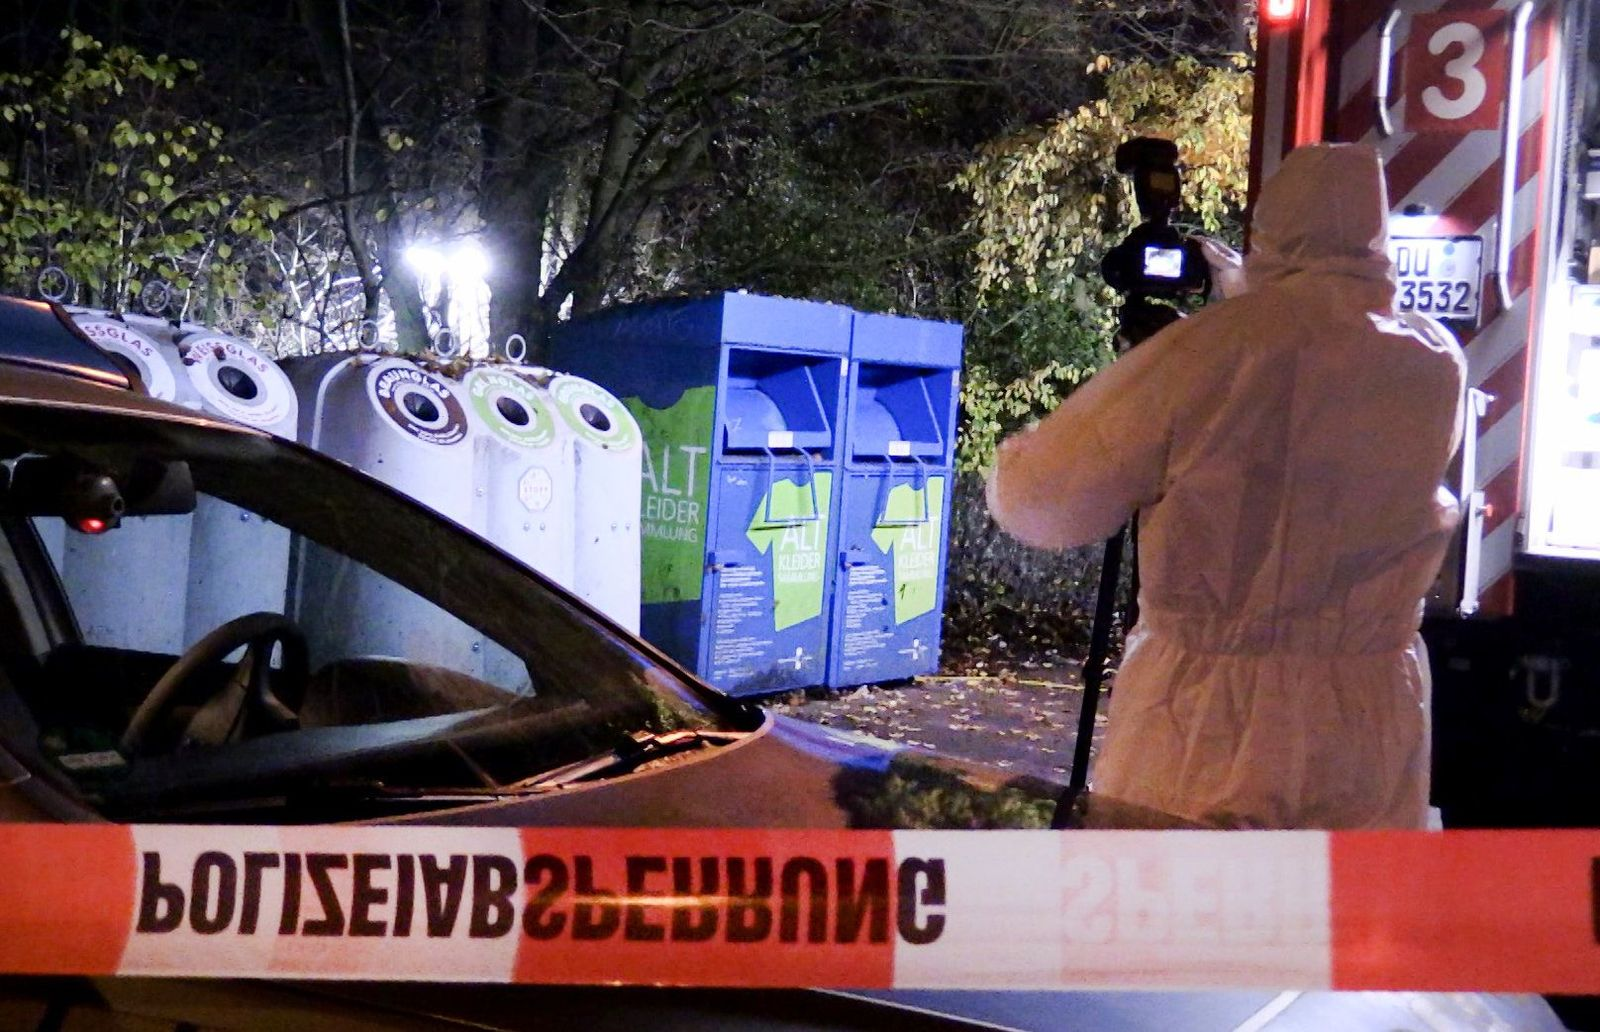 Leiche in Duisburger Wald gefunden